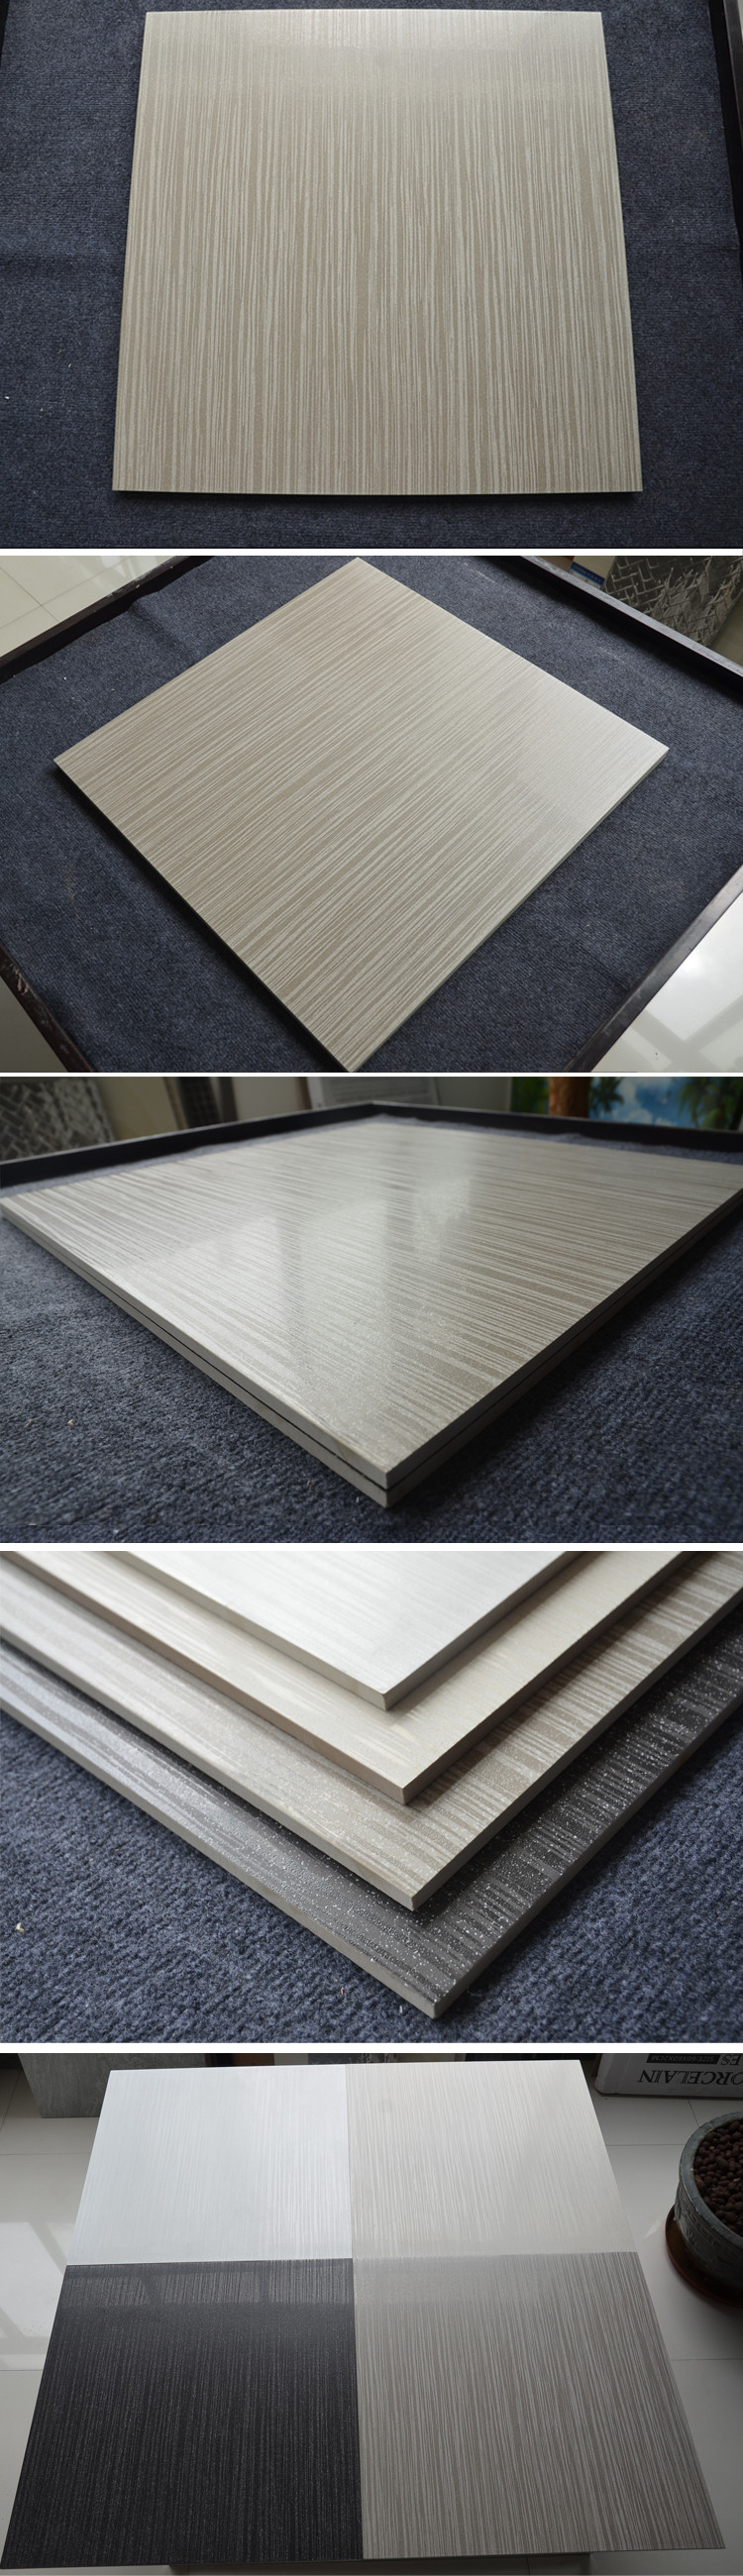 Hmd616gm grijs rustieke porselein hout ontwerp kijken keramische ...